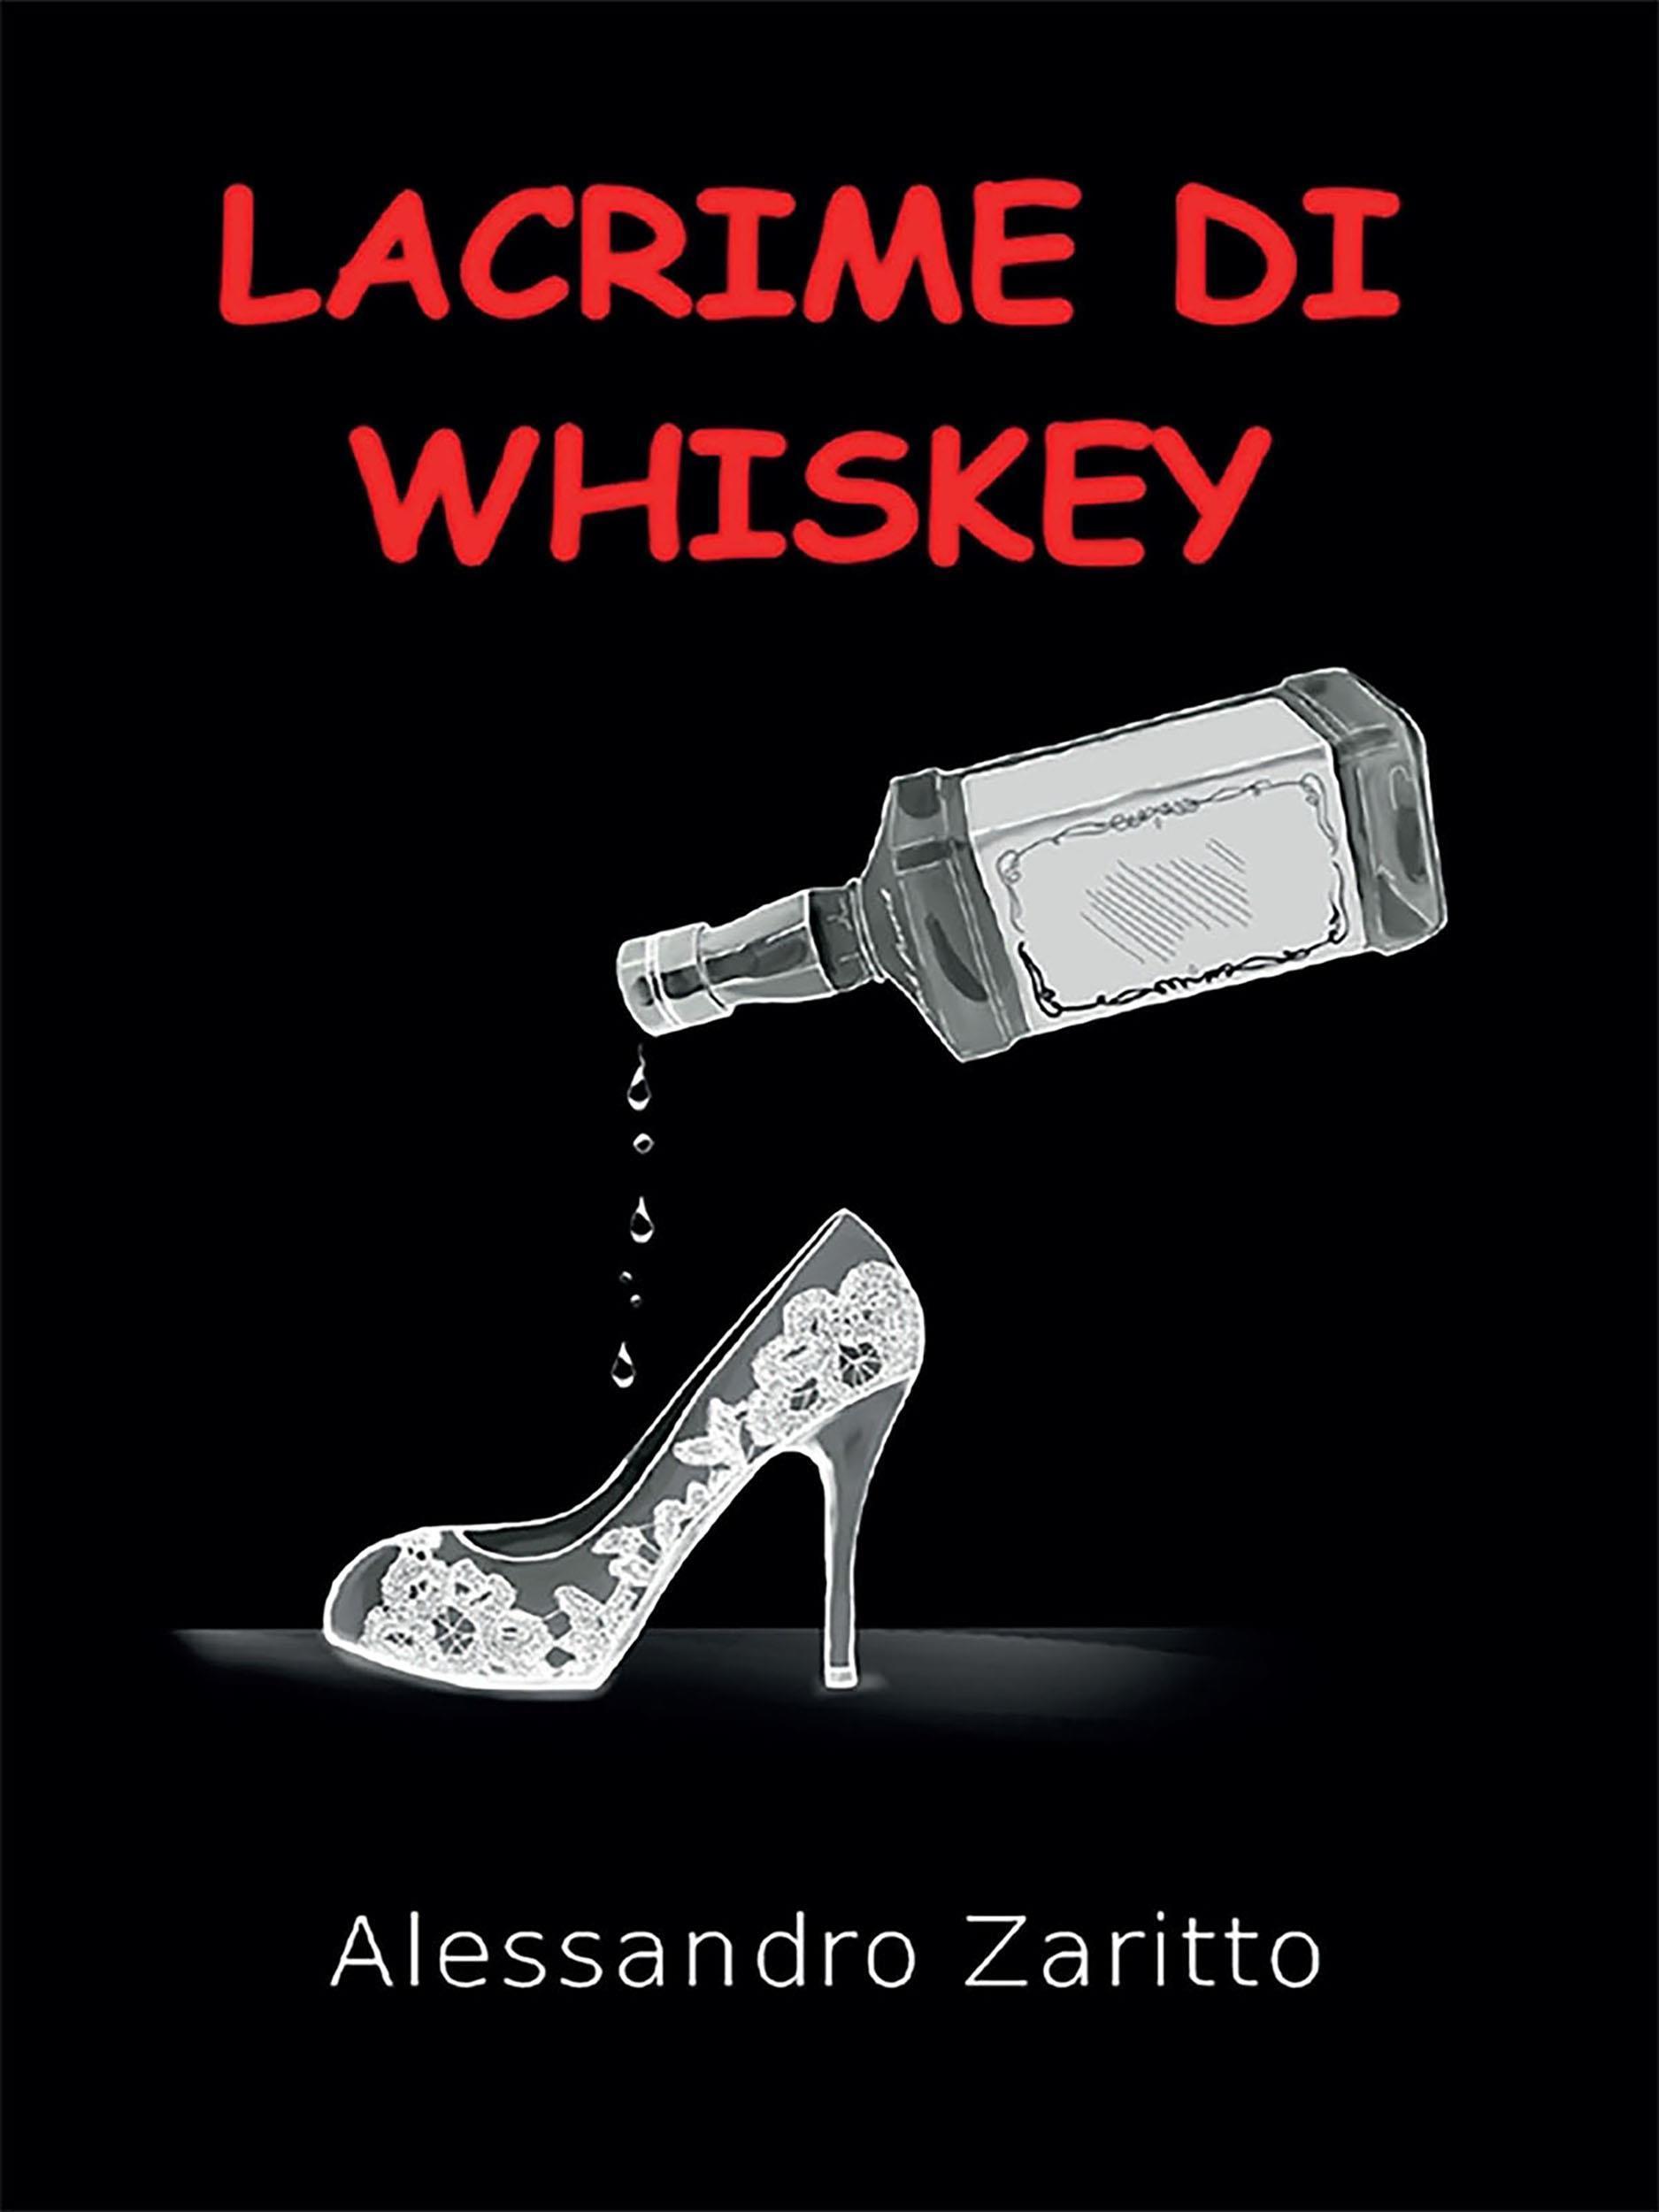 Lacrime di whiskey